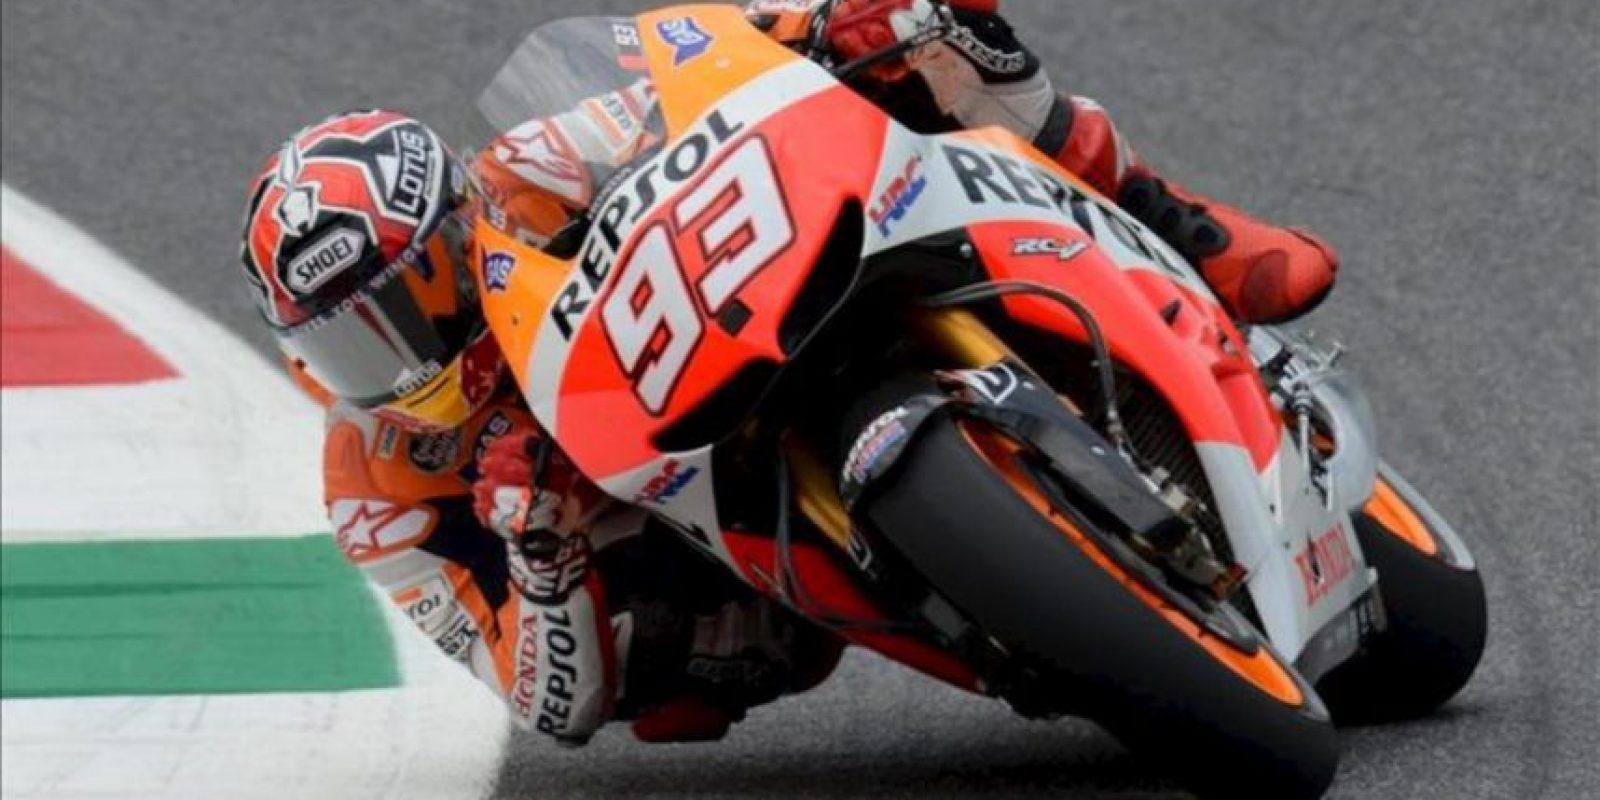 El piloto espñol de Repsol Honda, Marc Márquez, toma una curva durante la segunda sesión de entrenamientos libres del Gran Premio de Italia. EFE